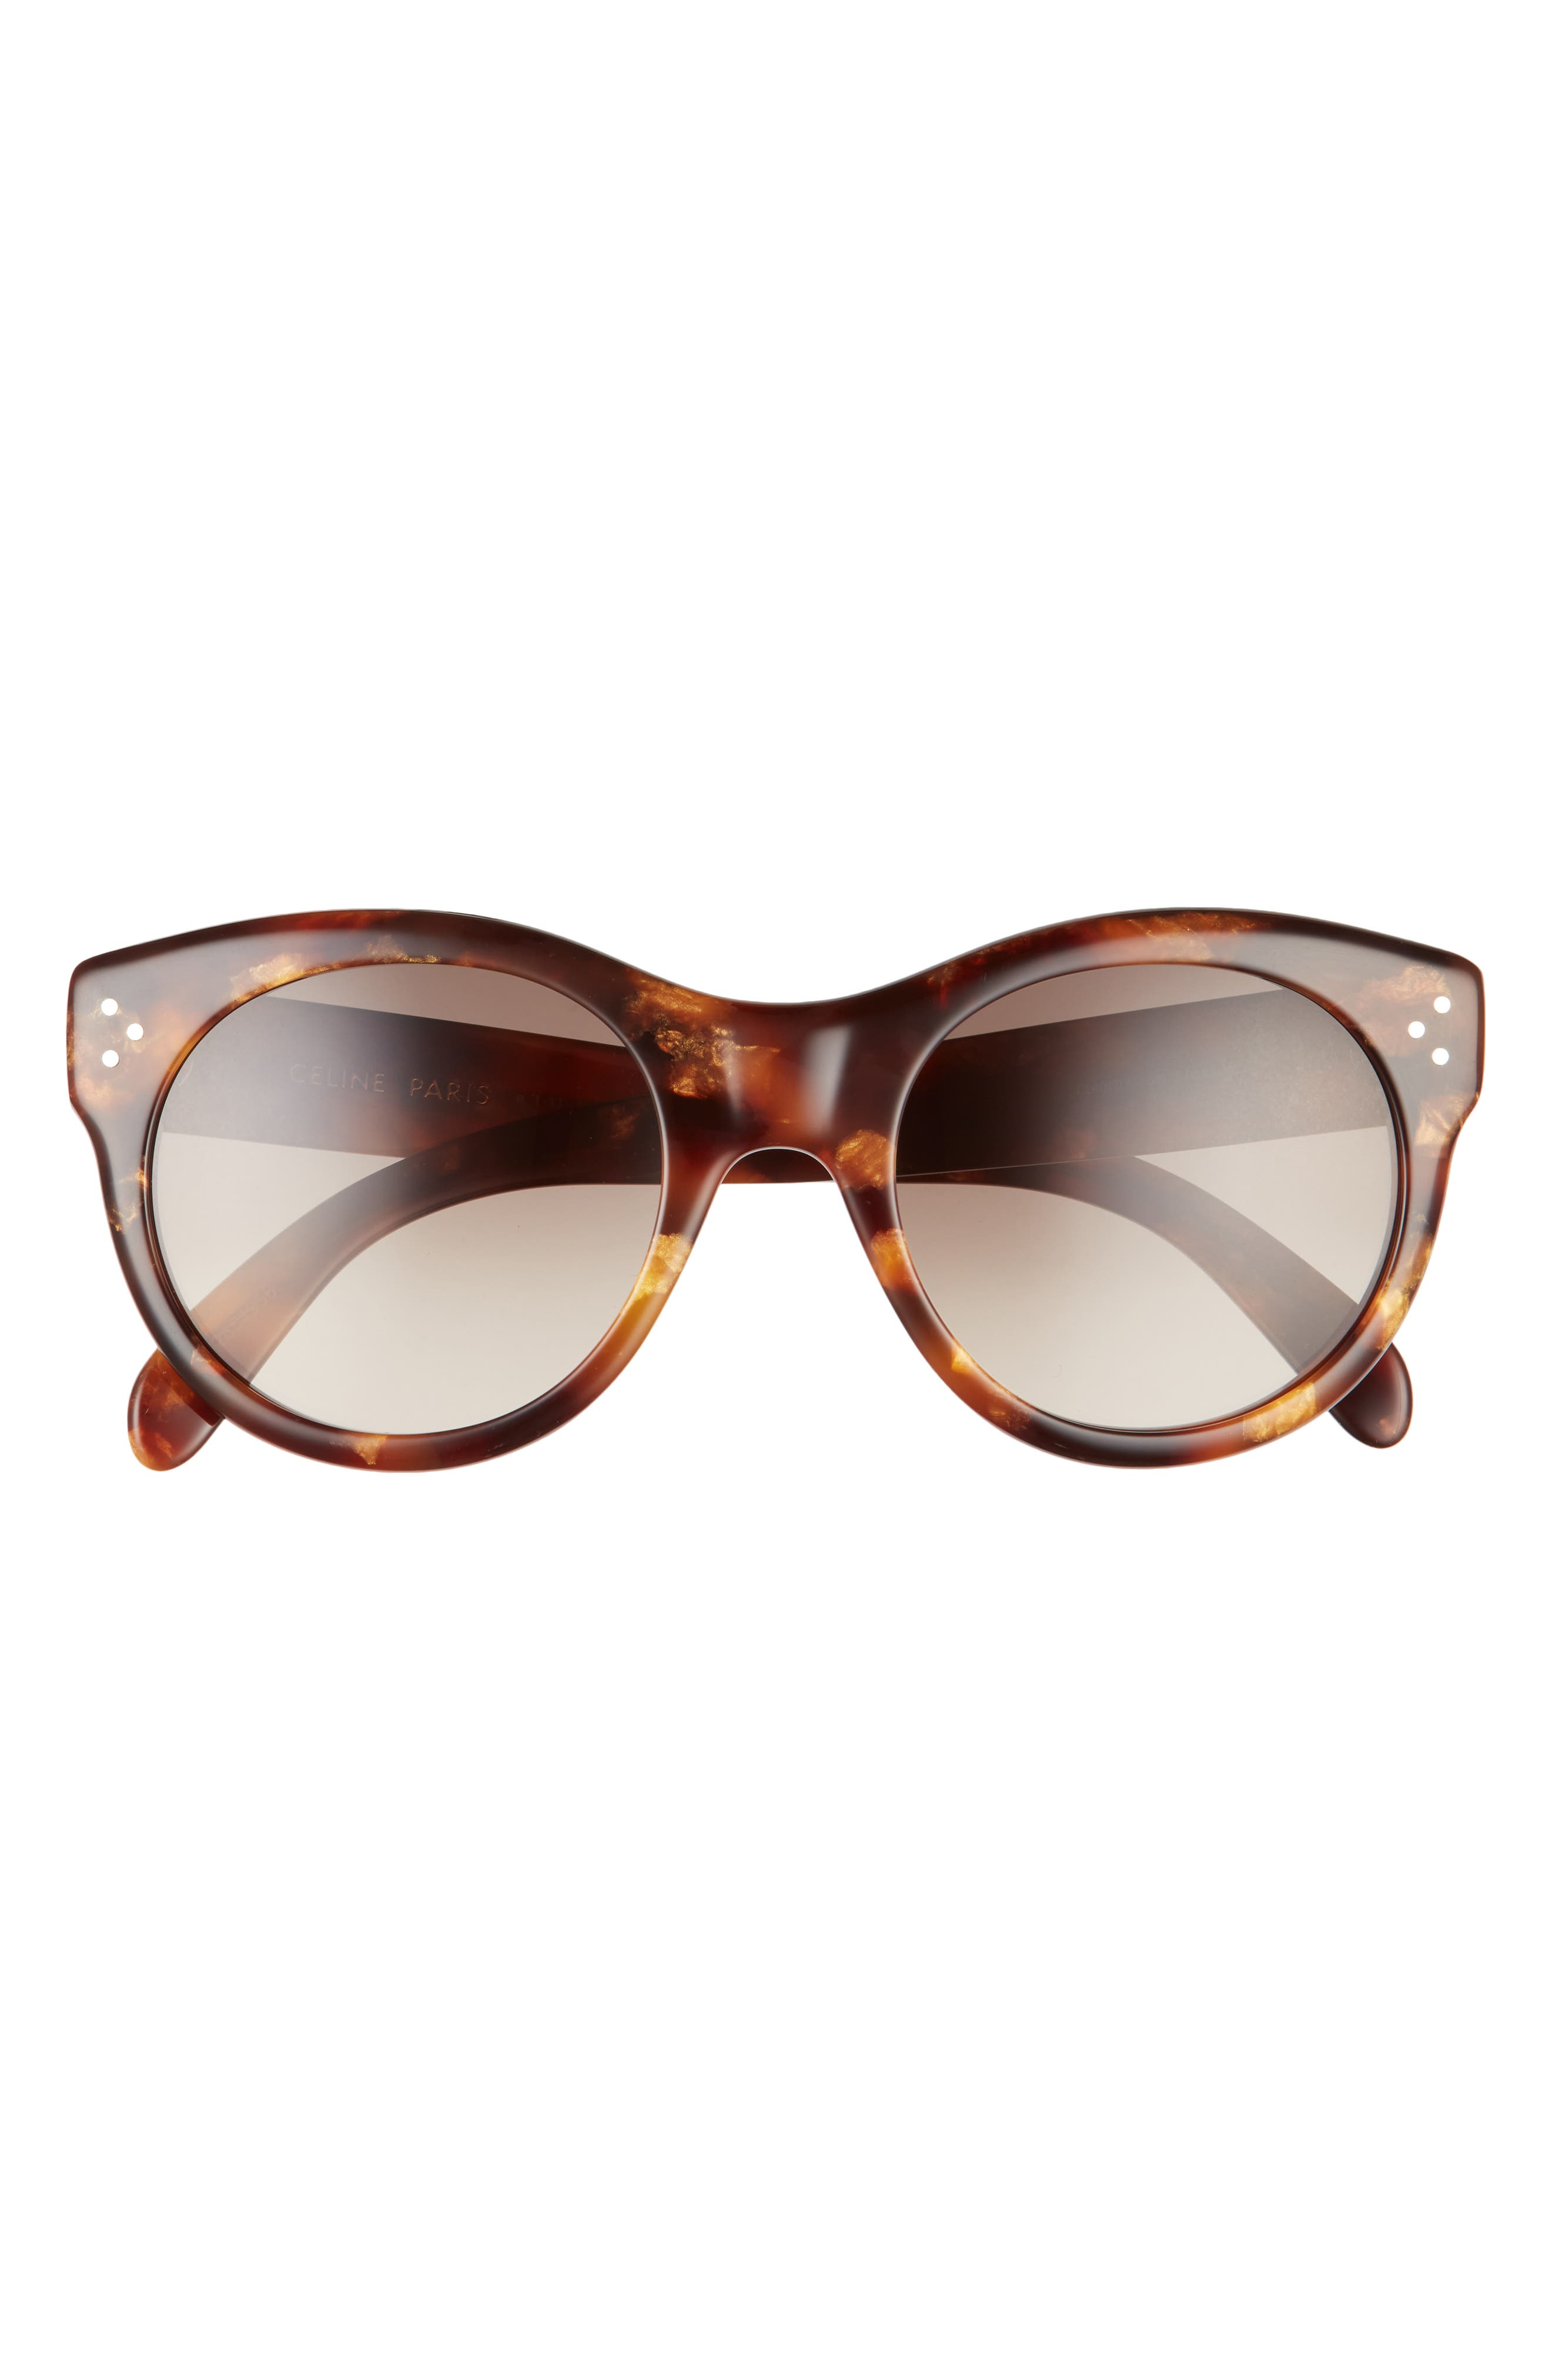 53mm Gradient Round Sunglasses